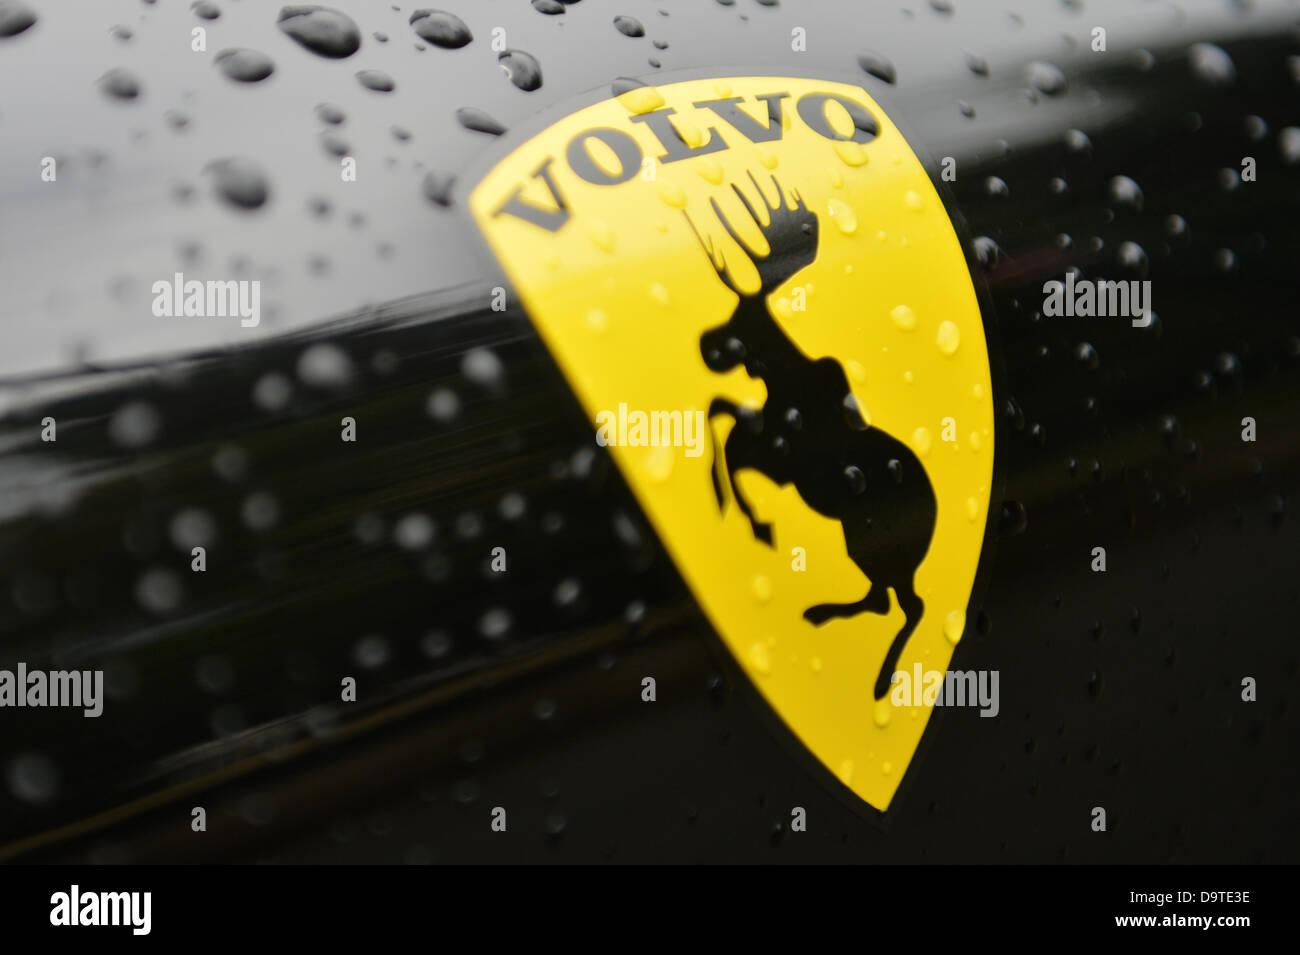 Die logo aufkleber des schwedischen automobilherstellers volvo depcits einen springenden elch in bezug auf das springende pferd des automobilherstellers